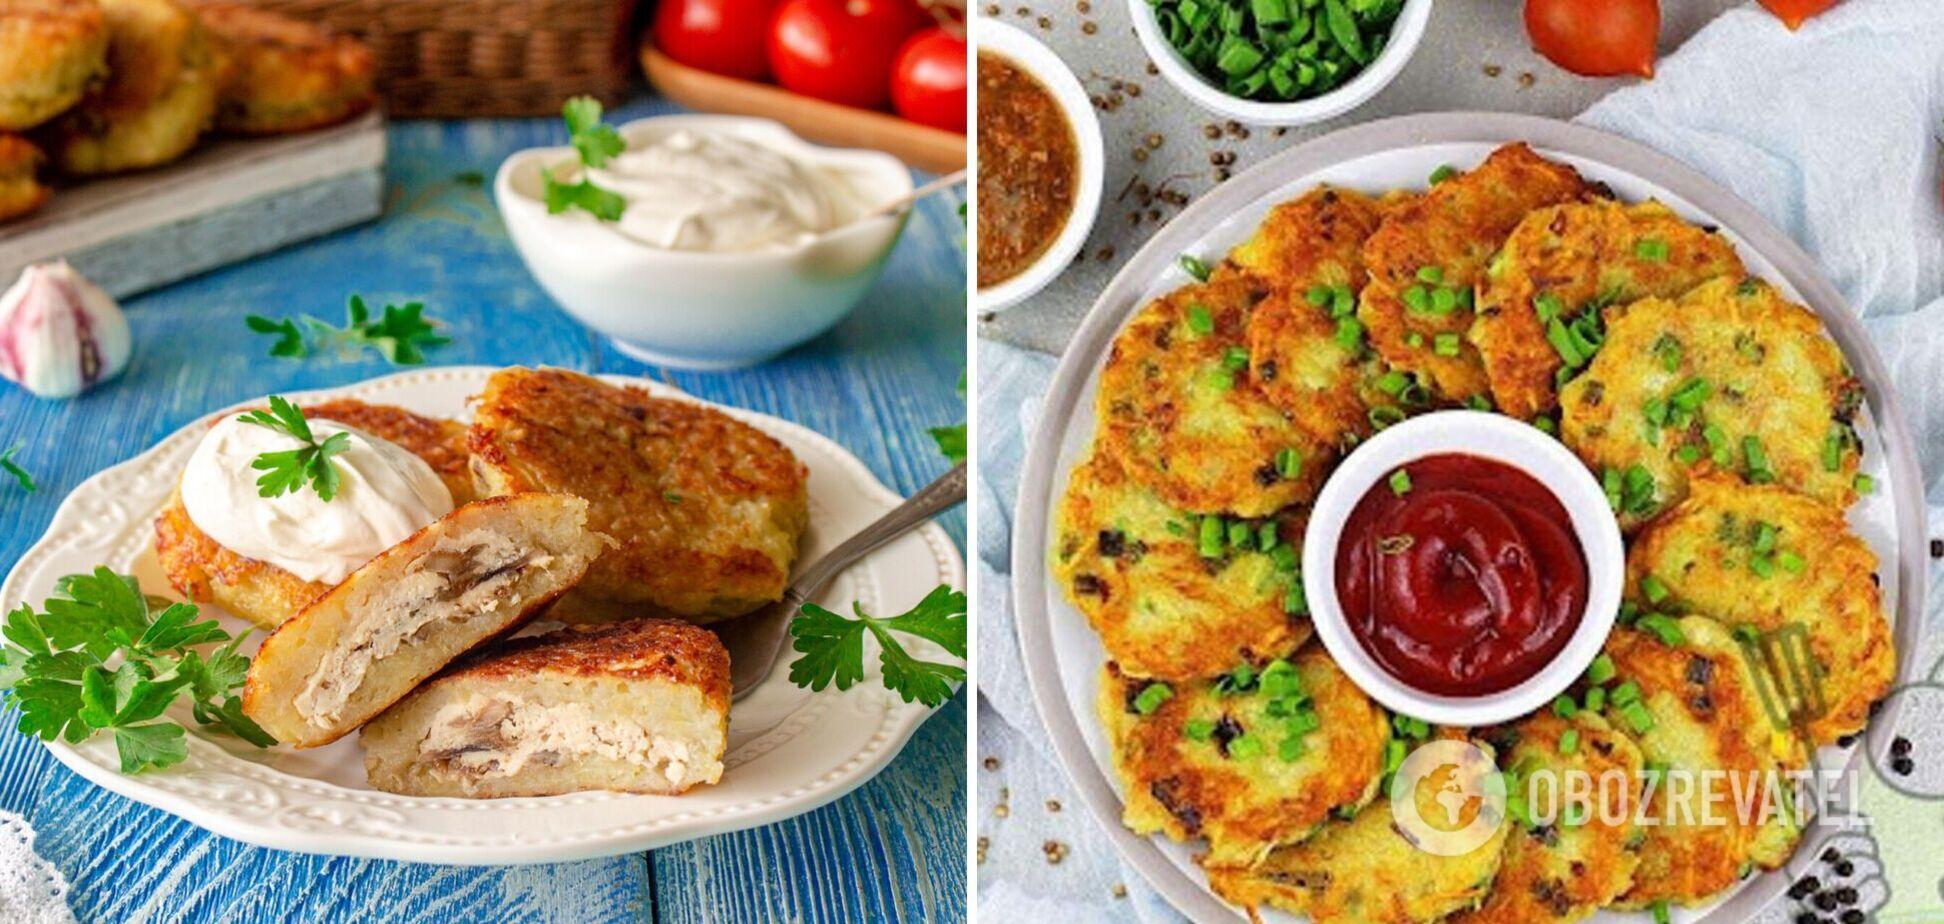 Ужин на скорую руку – что приготовить и какие продукты в этом помогут